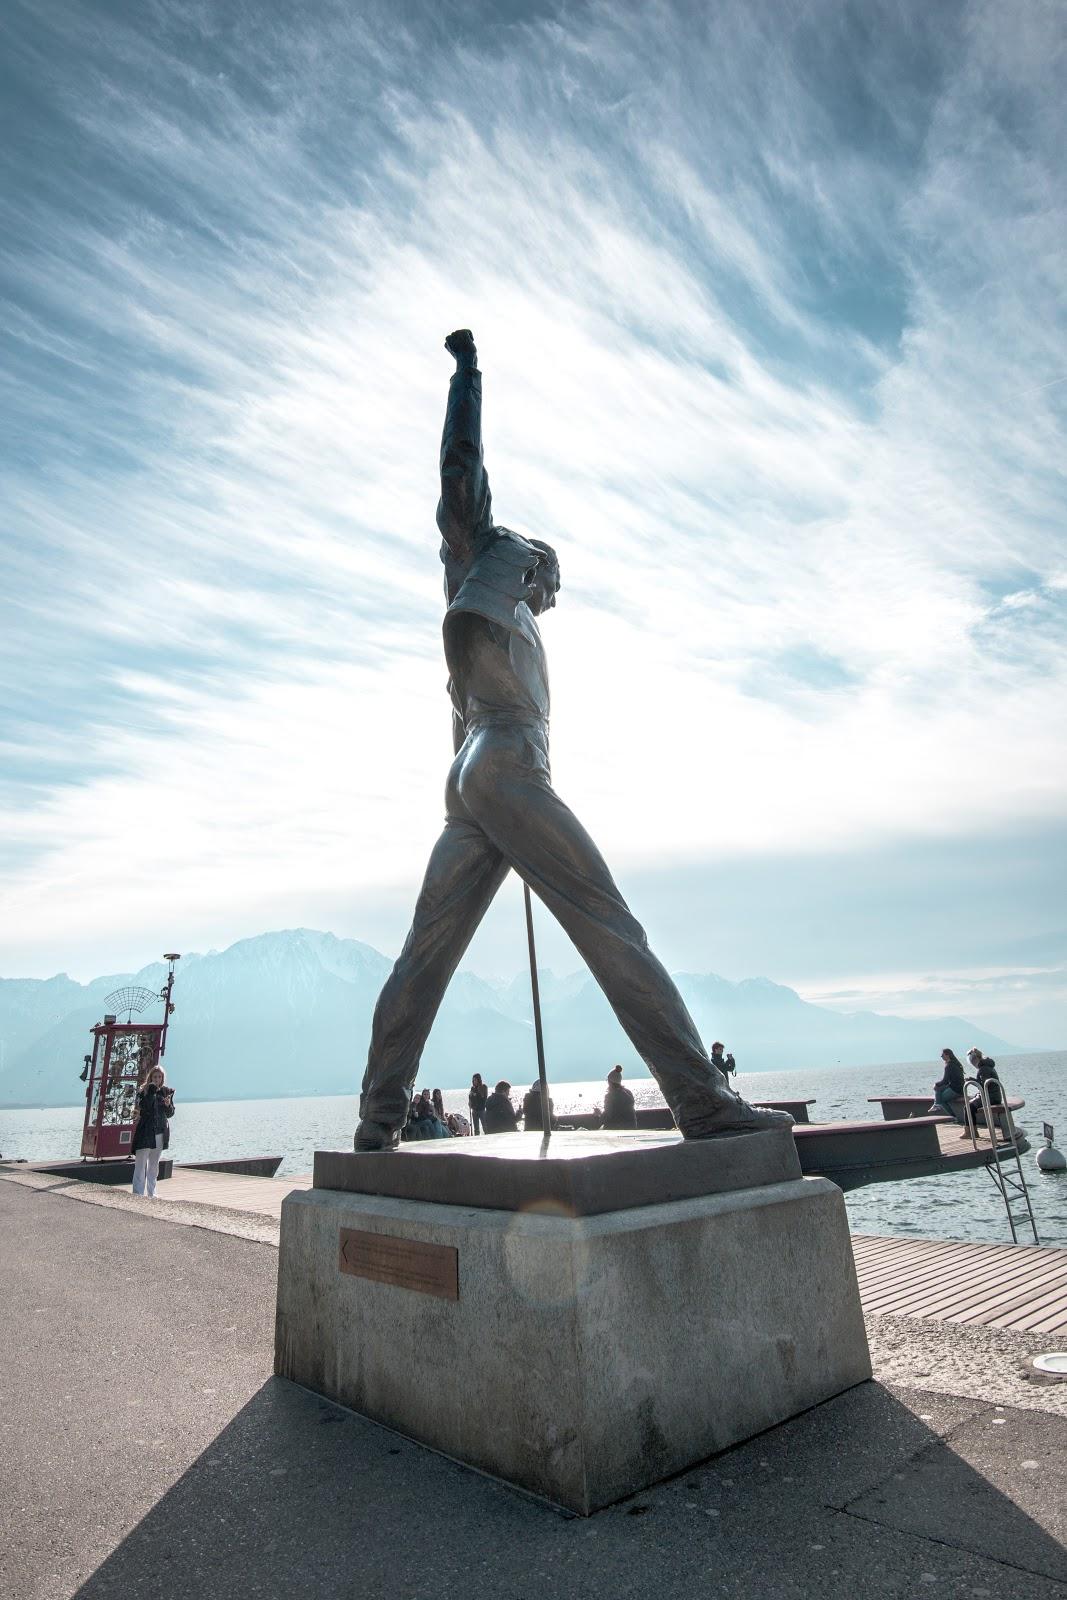 スイスのモントルーのレマン湖の畔の両足を開いて右手を上げたフレディ・マーキュリーの銅像